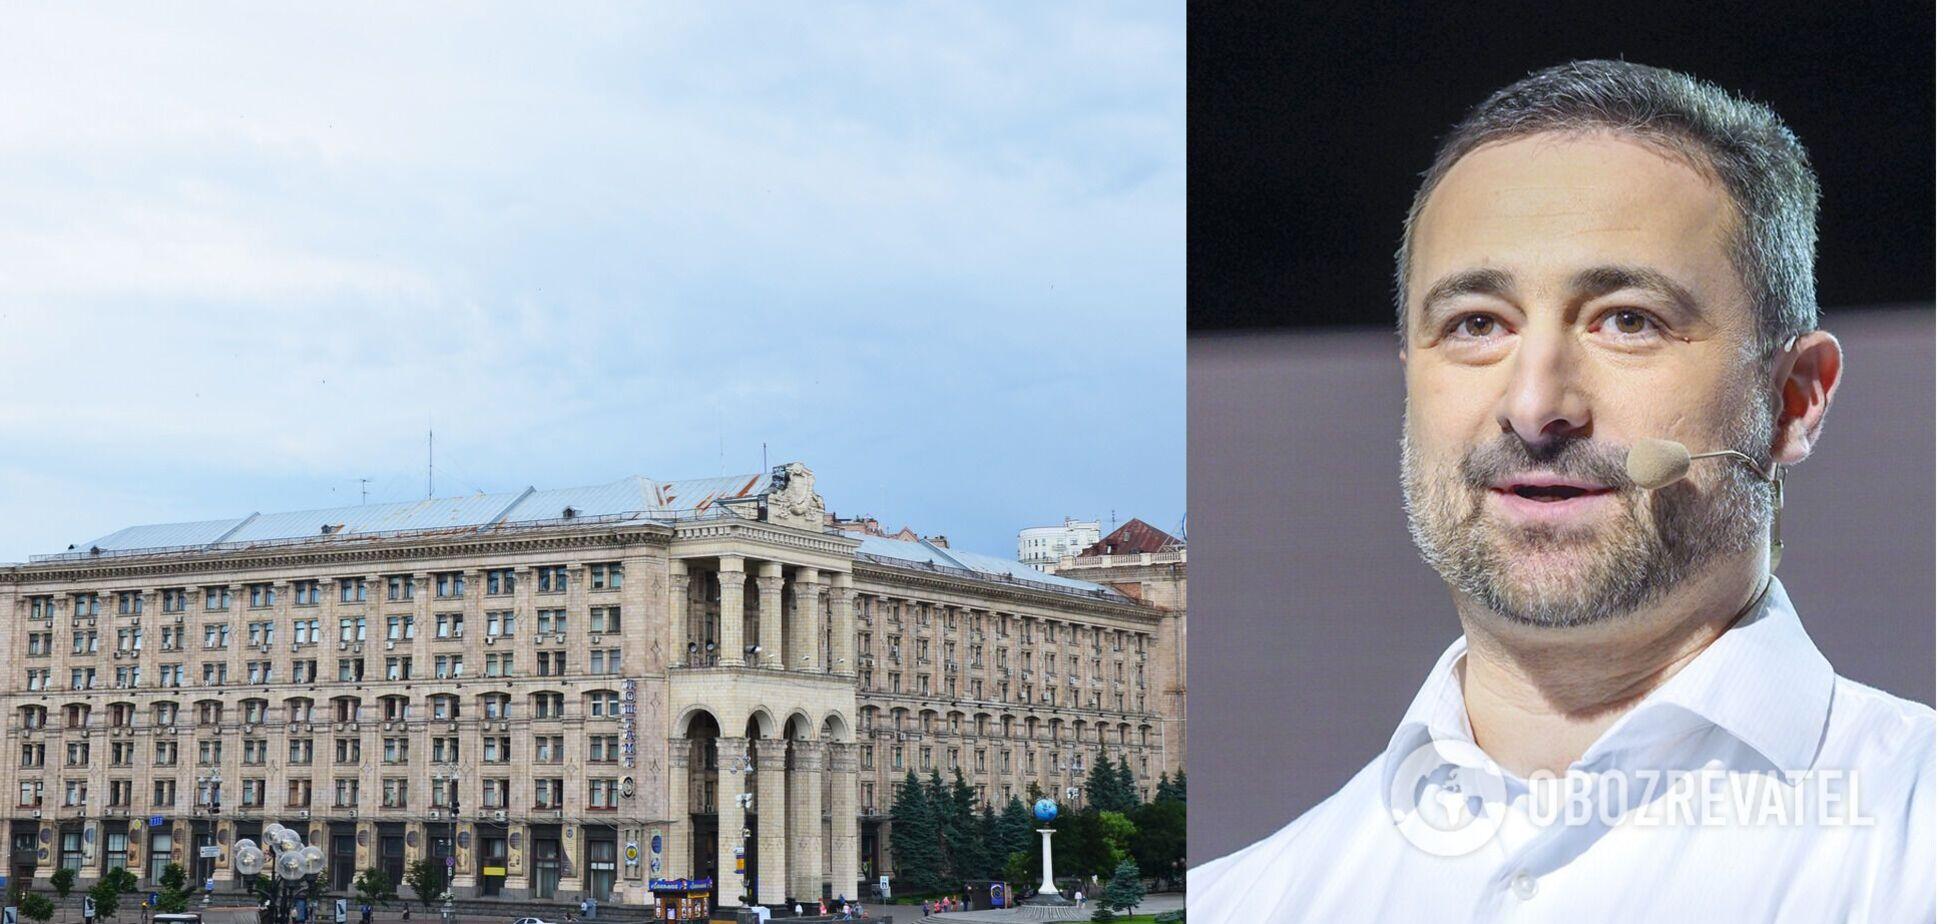 Глава 'Укрпочты' озвучил детали грядущей продажи Главпочтамта в Киеве